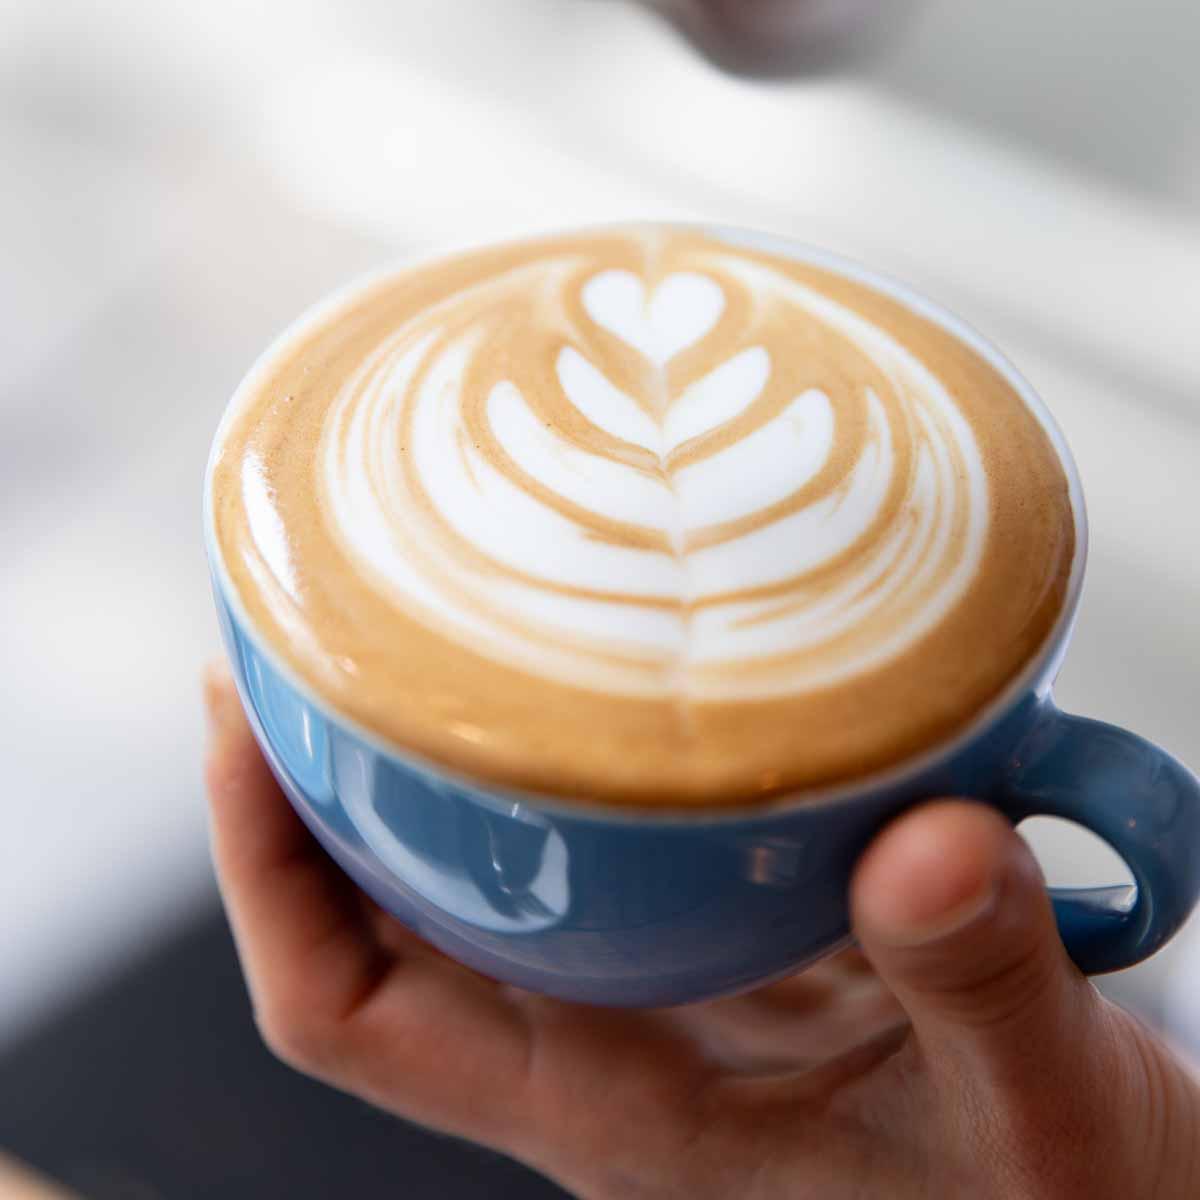 Codos Coffee in Hamburg-4